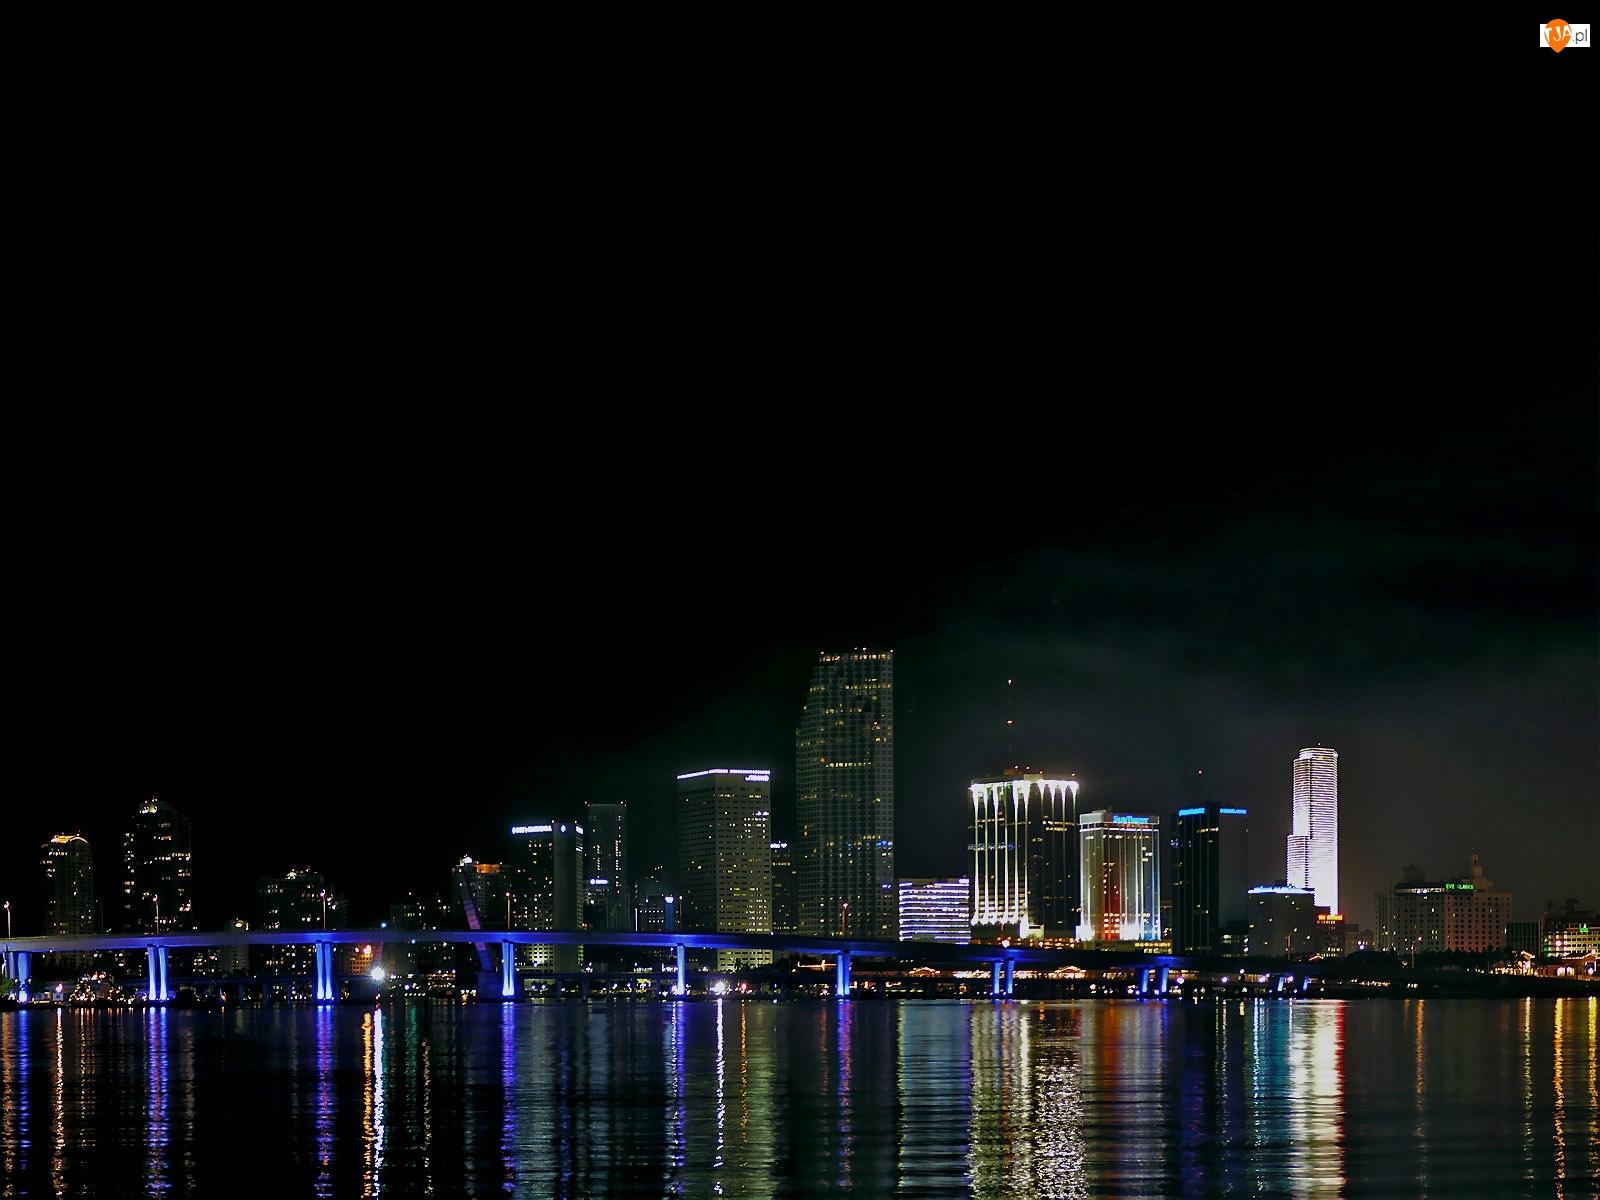 Floryda, Most, Miami, Światła